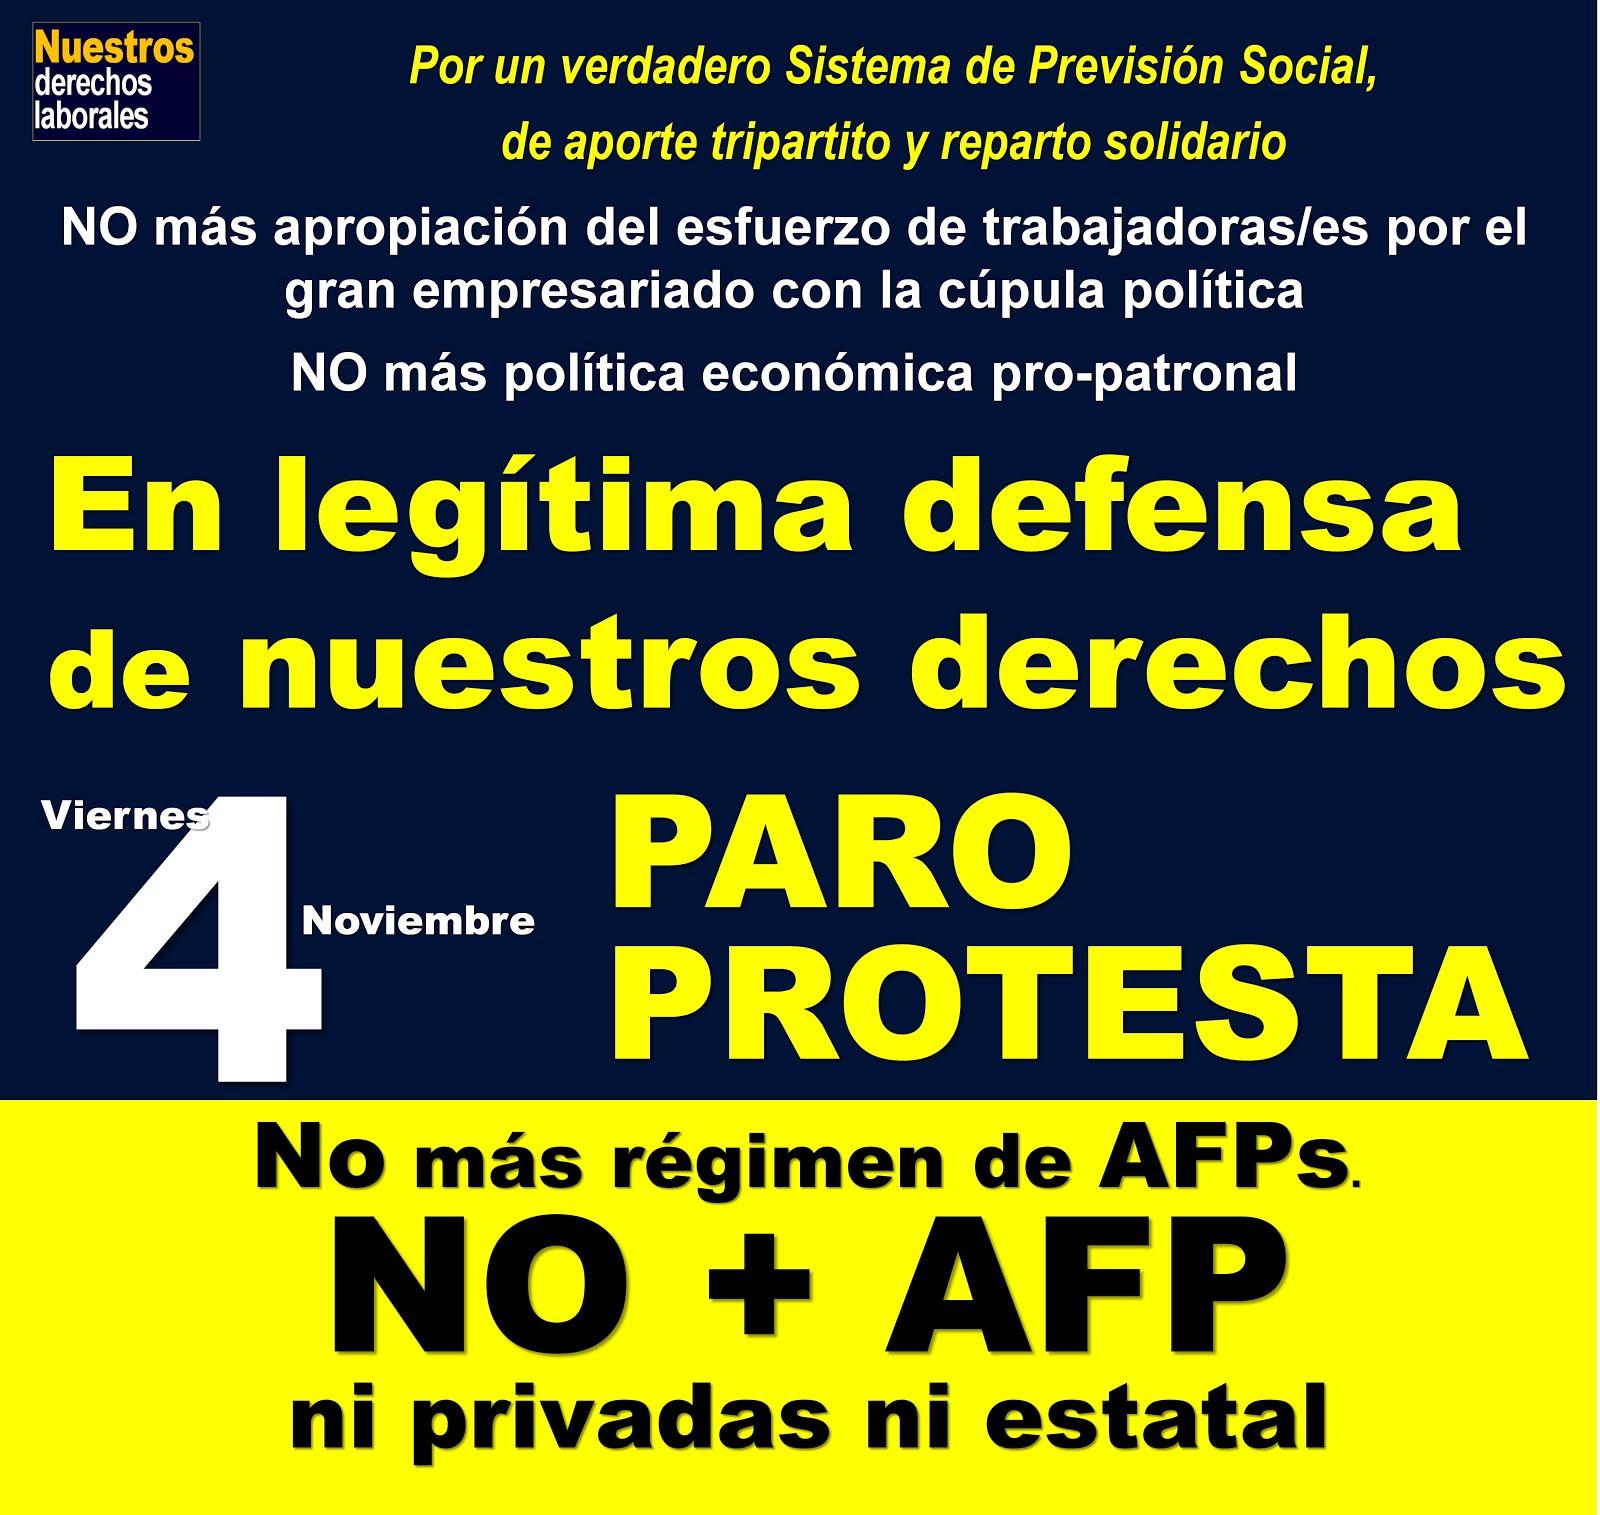 EN LEGÍTIMA DEFENSA DE DERECHOS ESENCIALES. VIERNES 4 DE NOVIEMBRE.